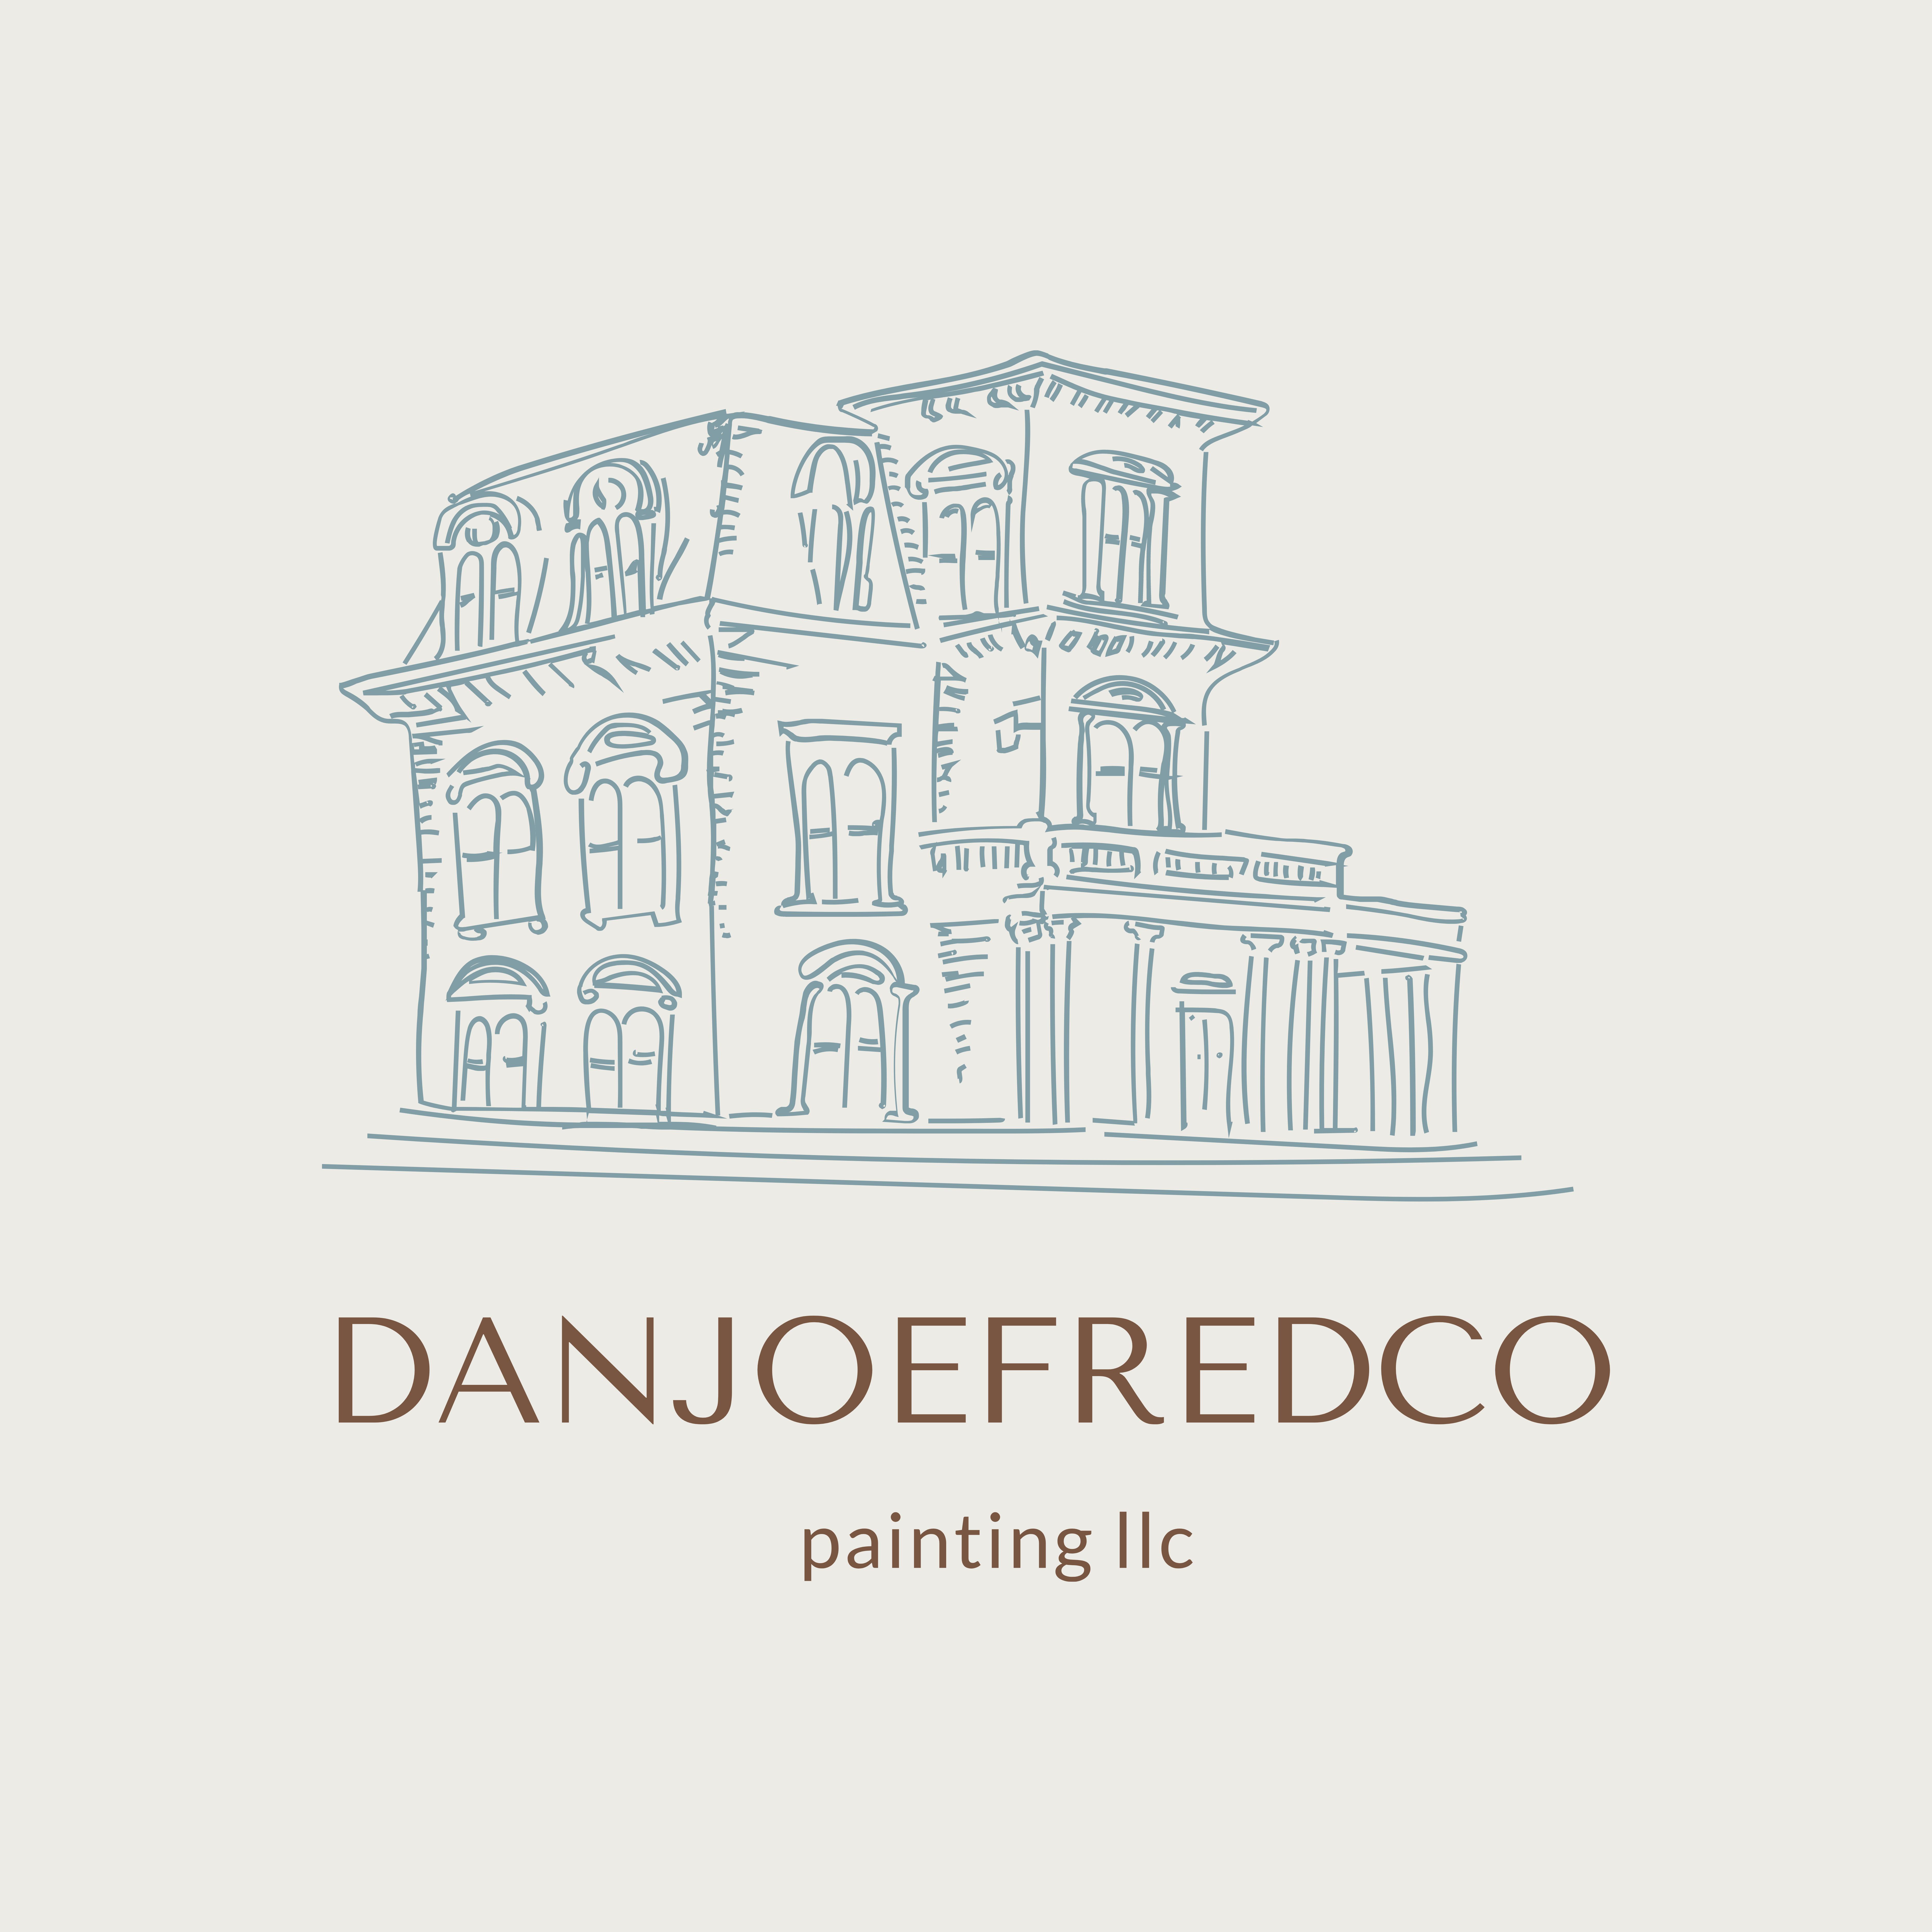 Danjoefredco